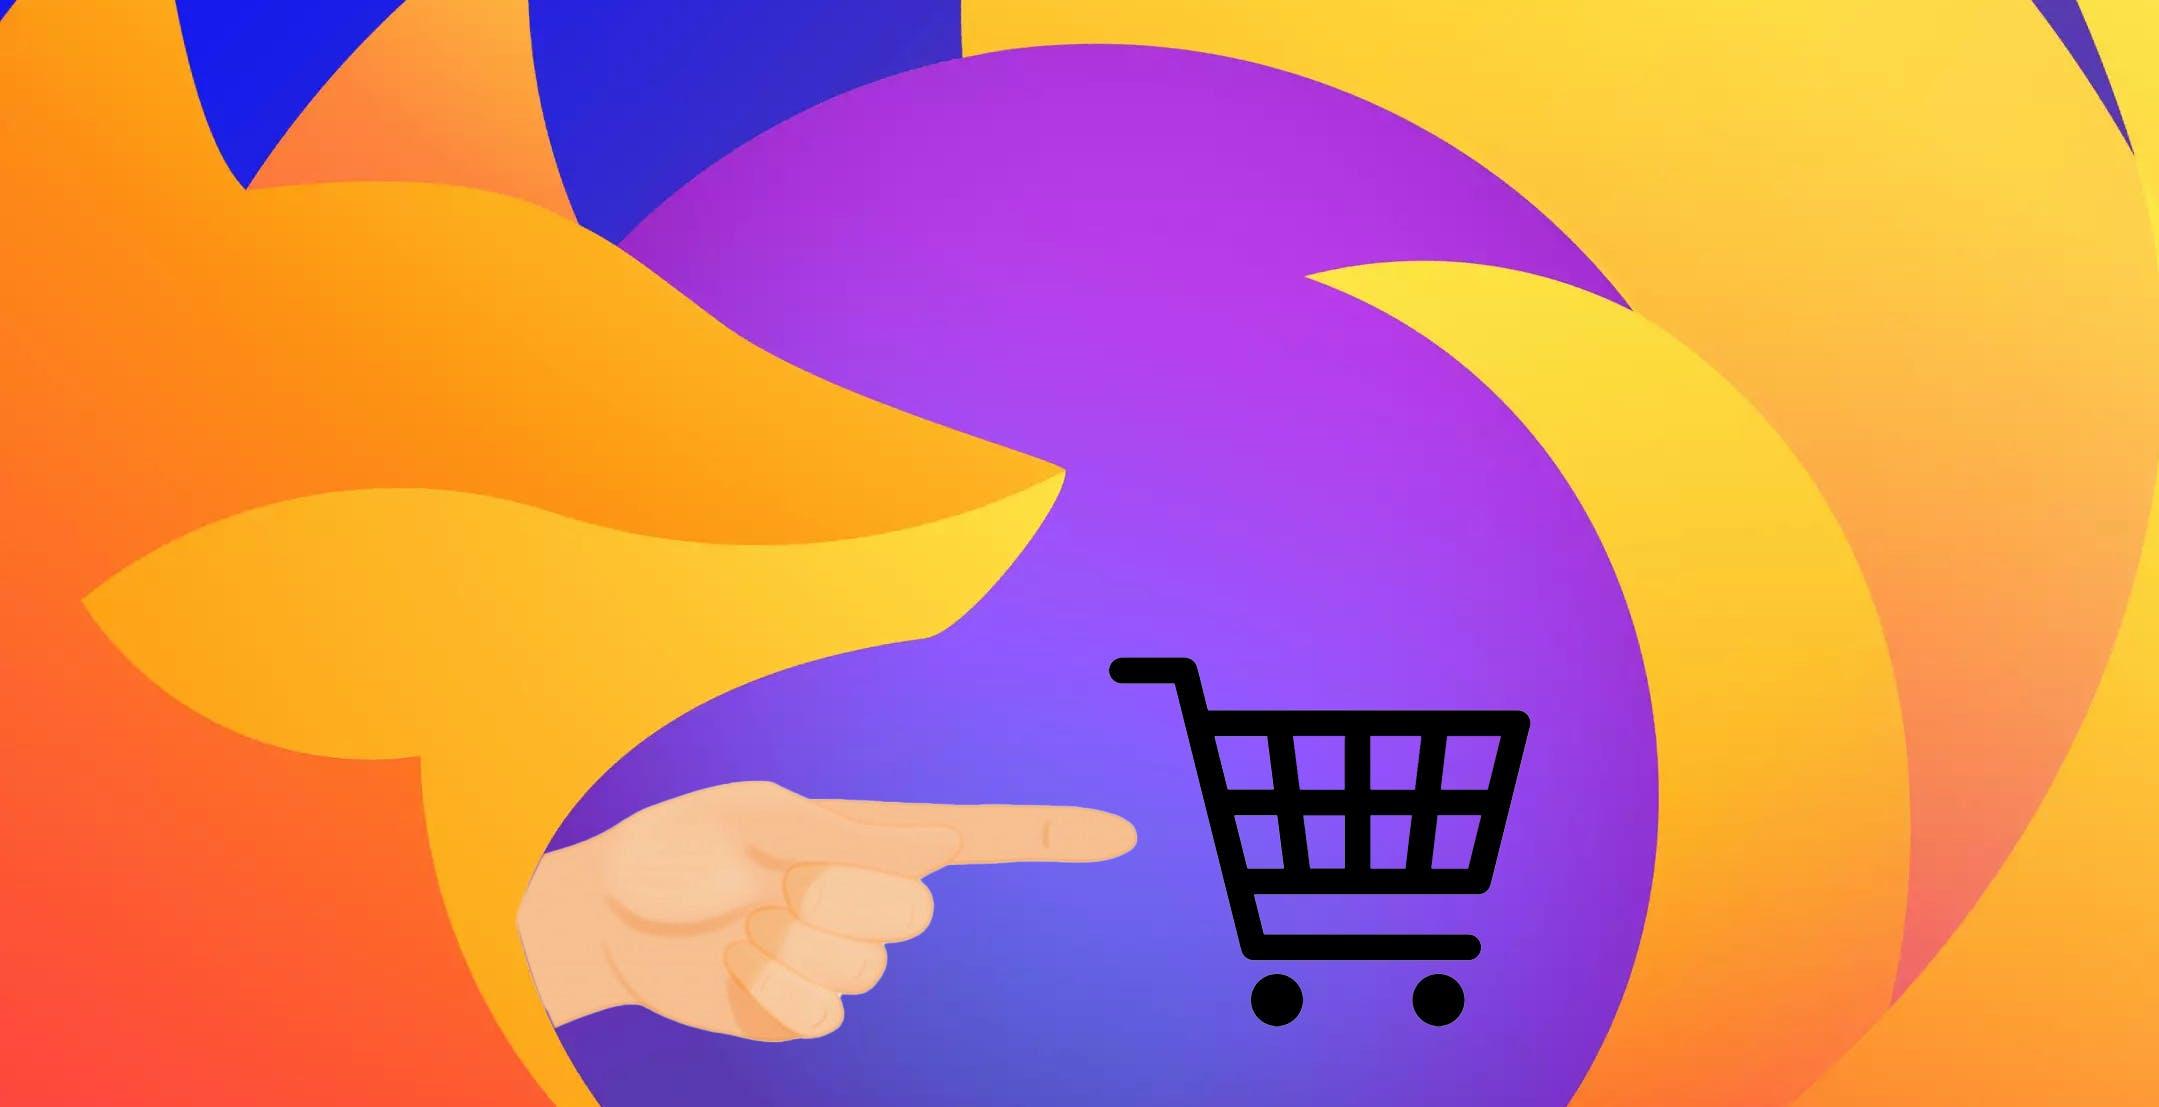 Firefox suggerisce siti sponsorizzati nella barra degli indirizzi. Al momento solo in Usa, ma si può disattivare